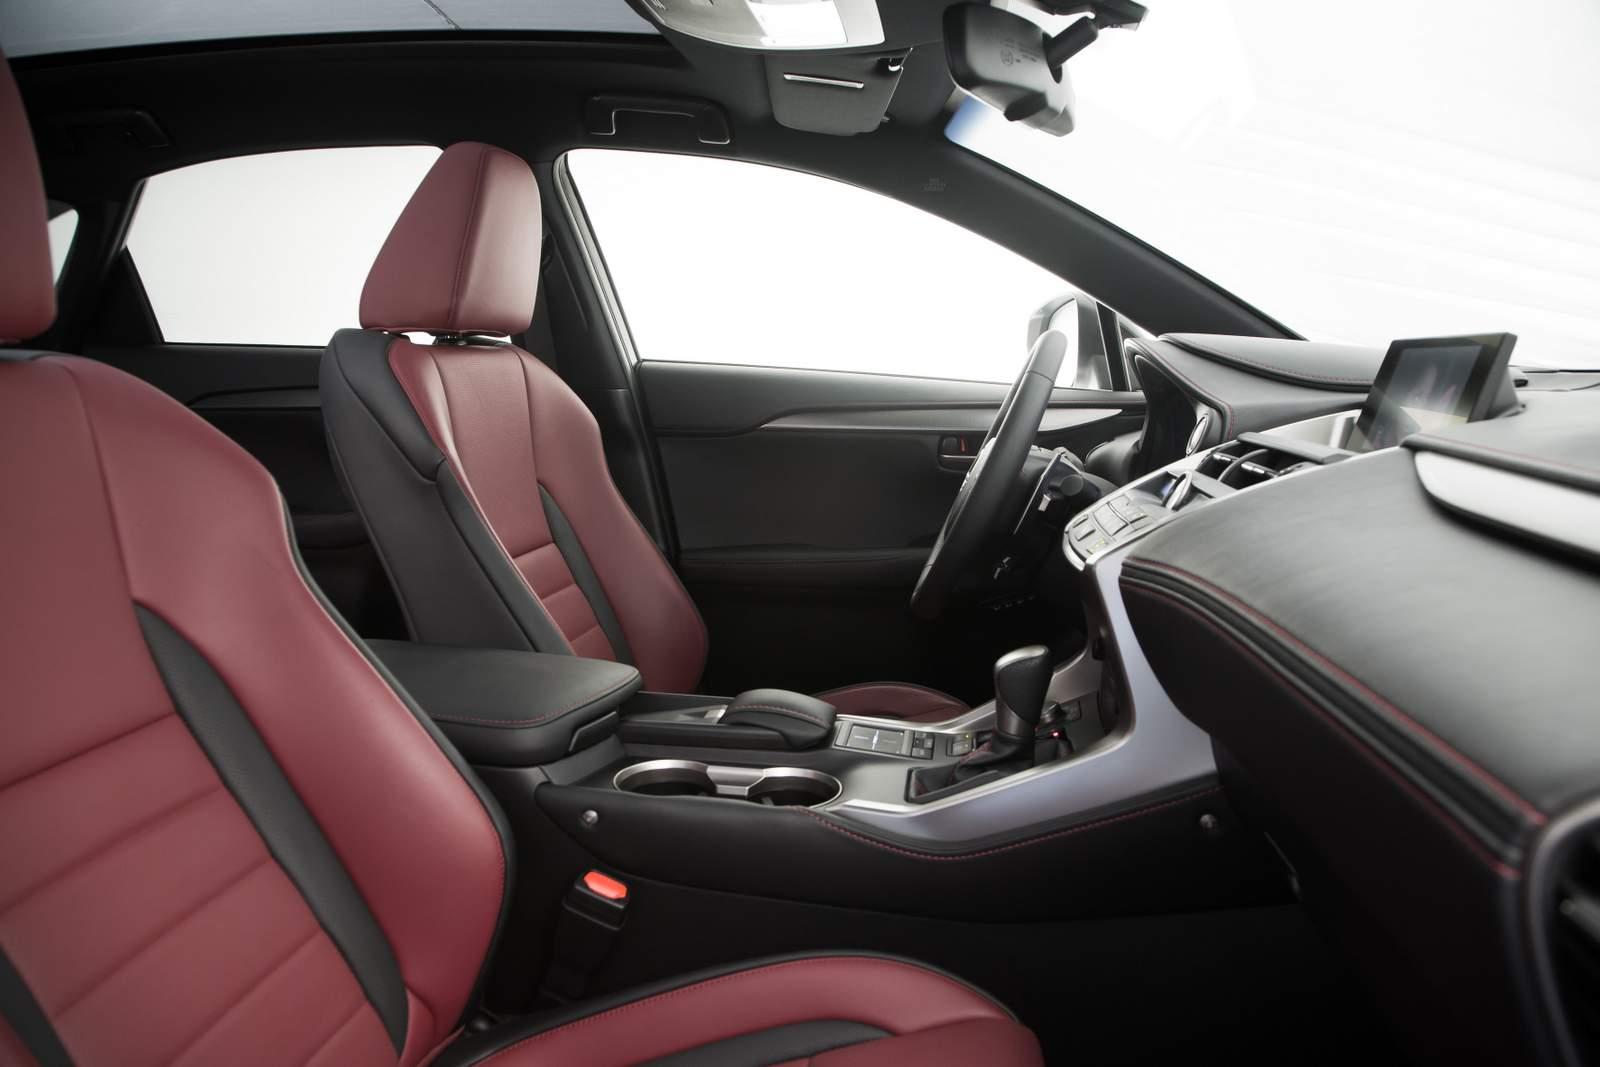 Lexus NX 200t F-Sport - interior